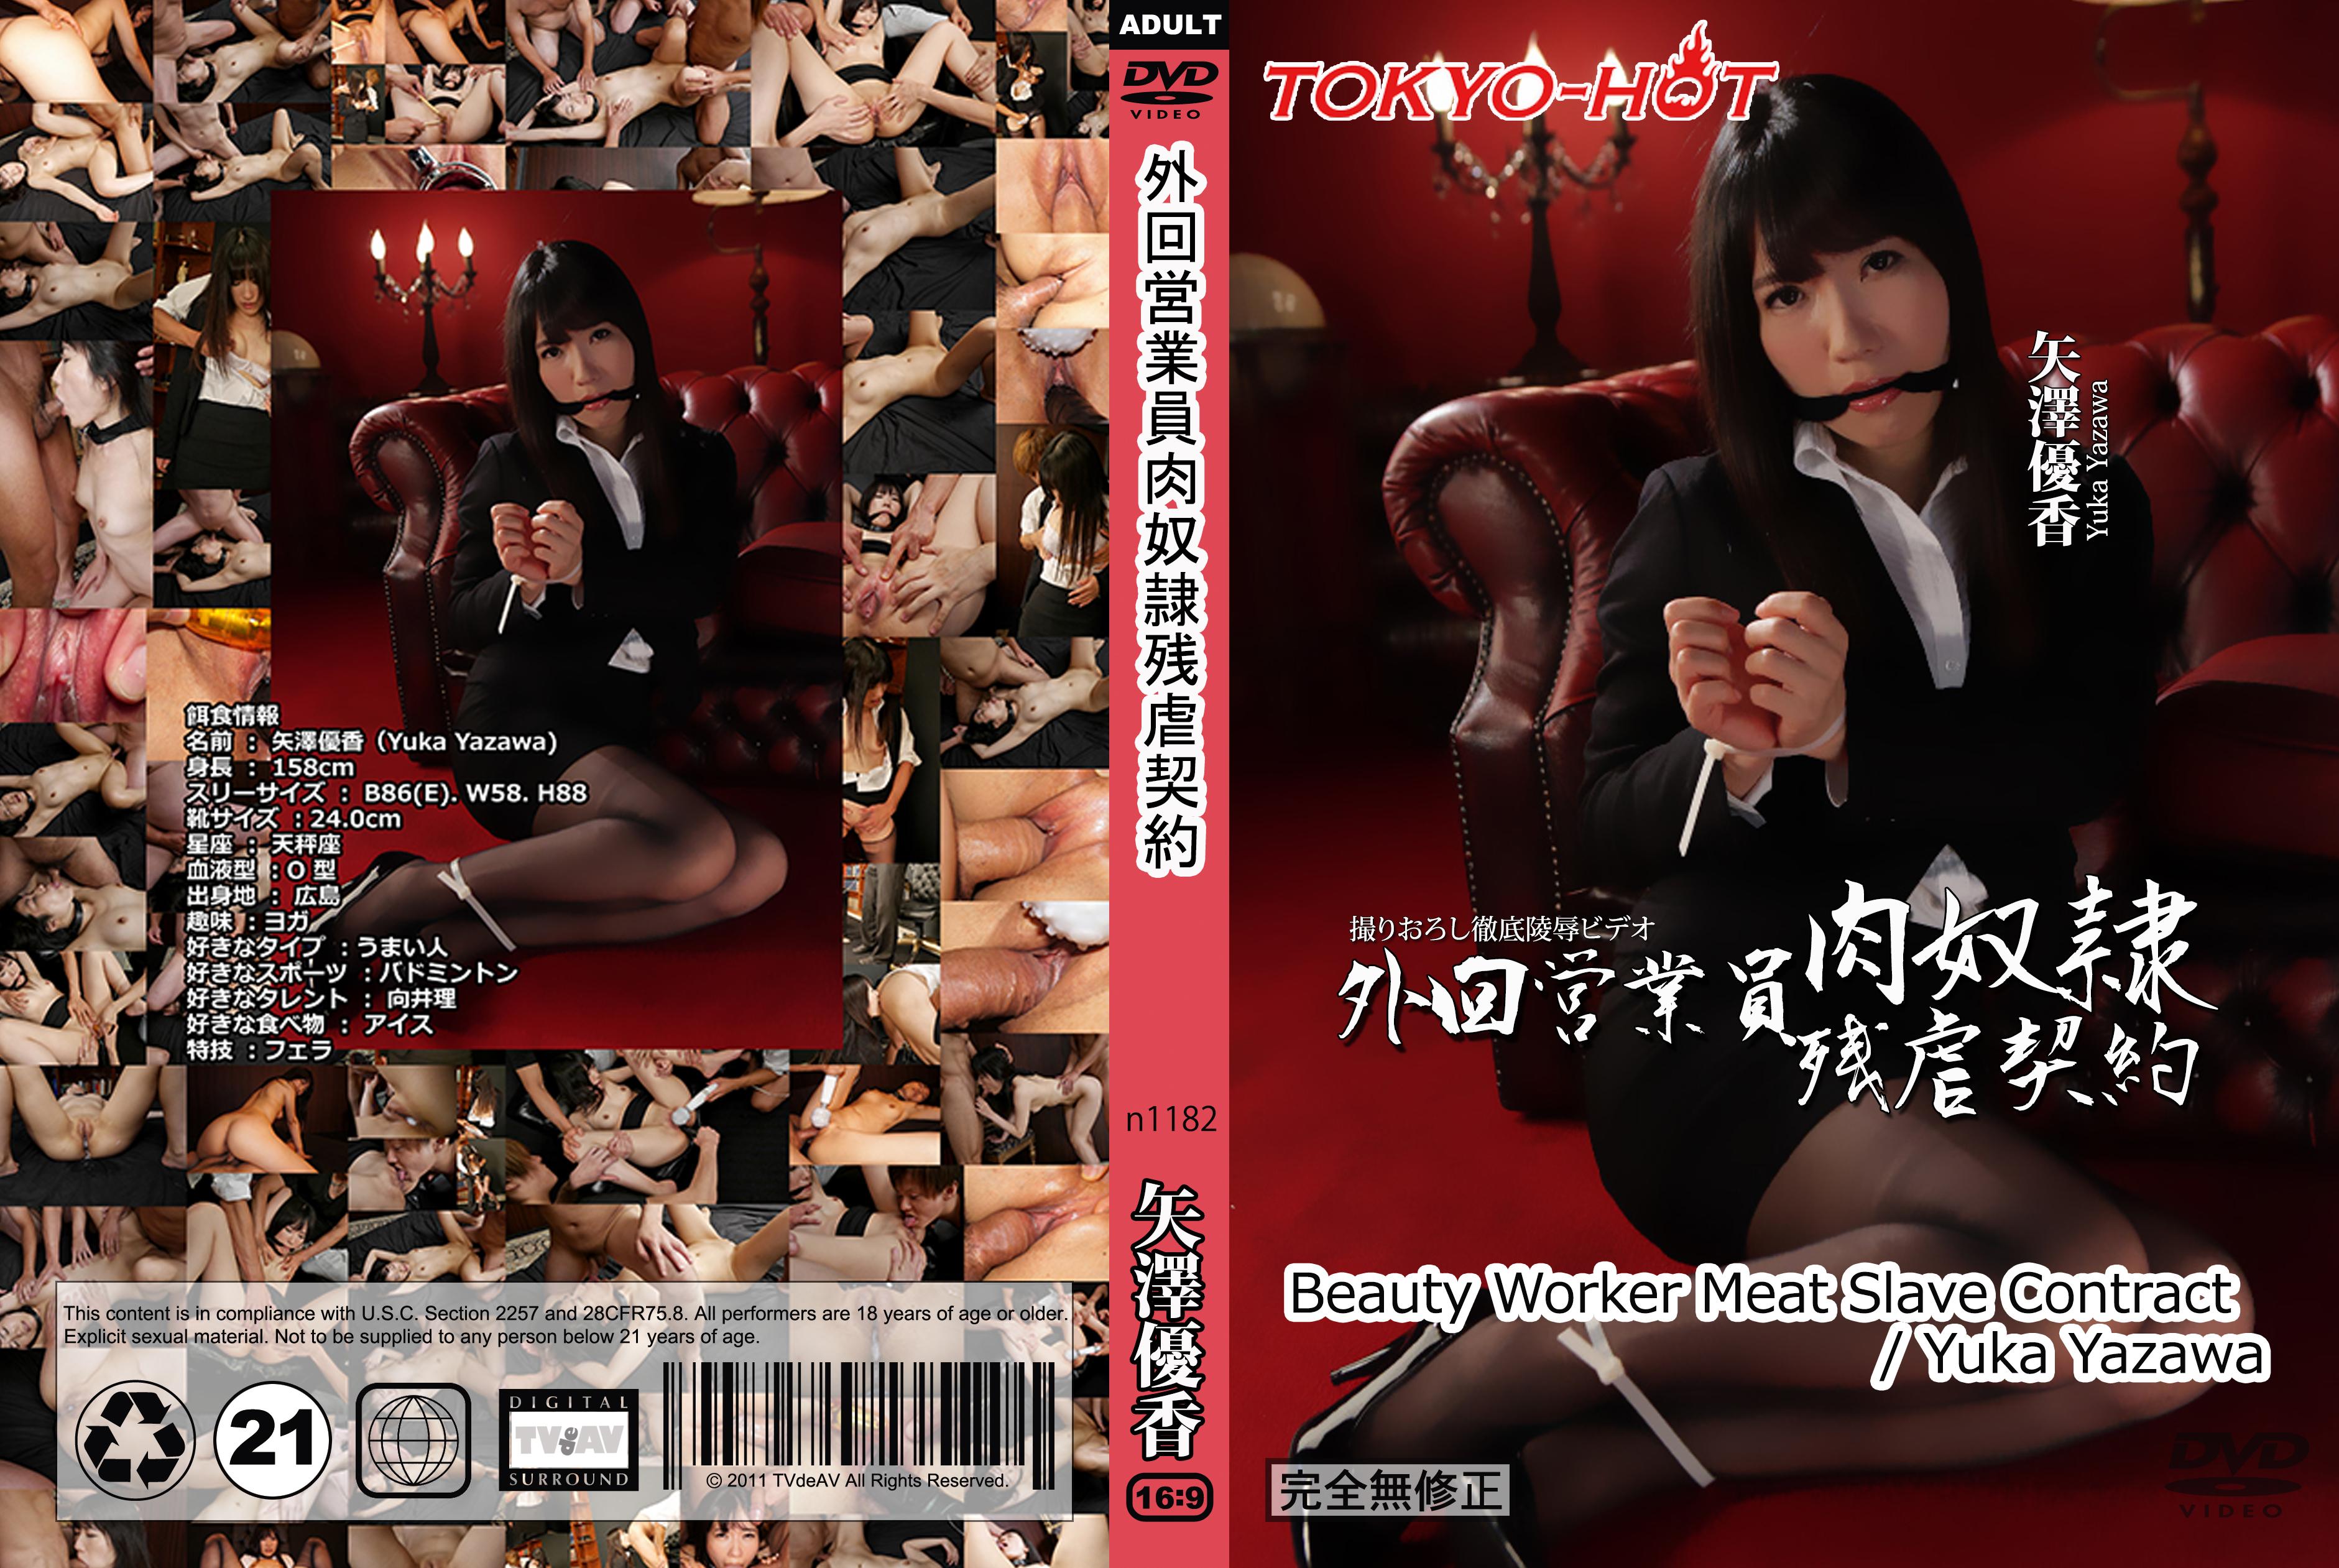 Beauty Worker Meat Slave Contract Yuka Yazawa